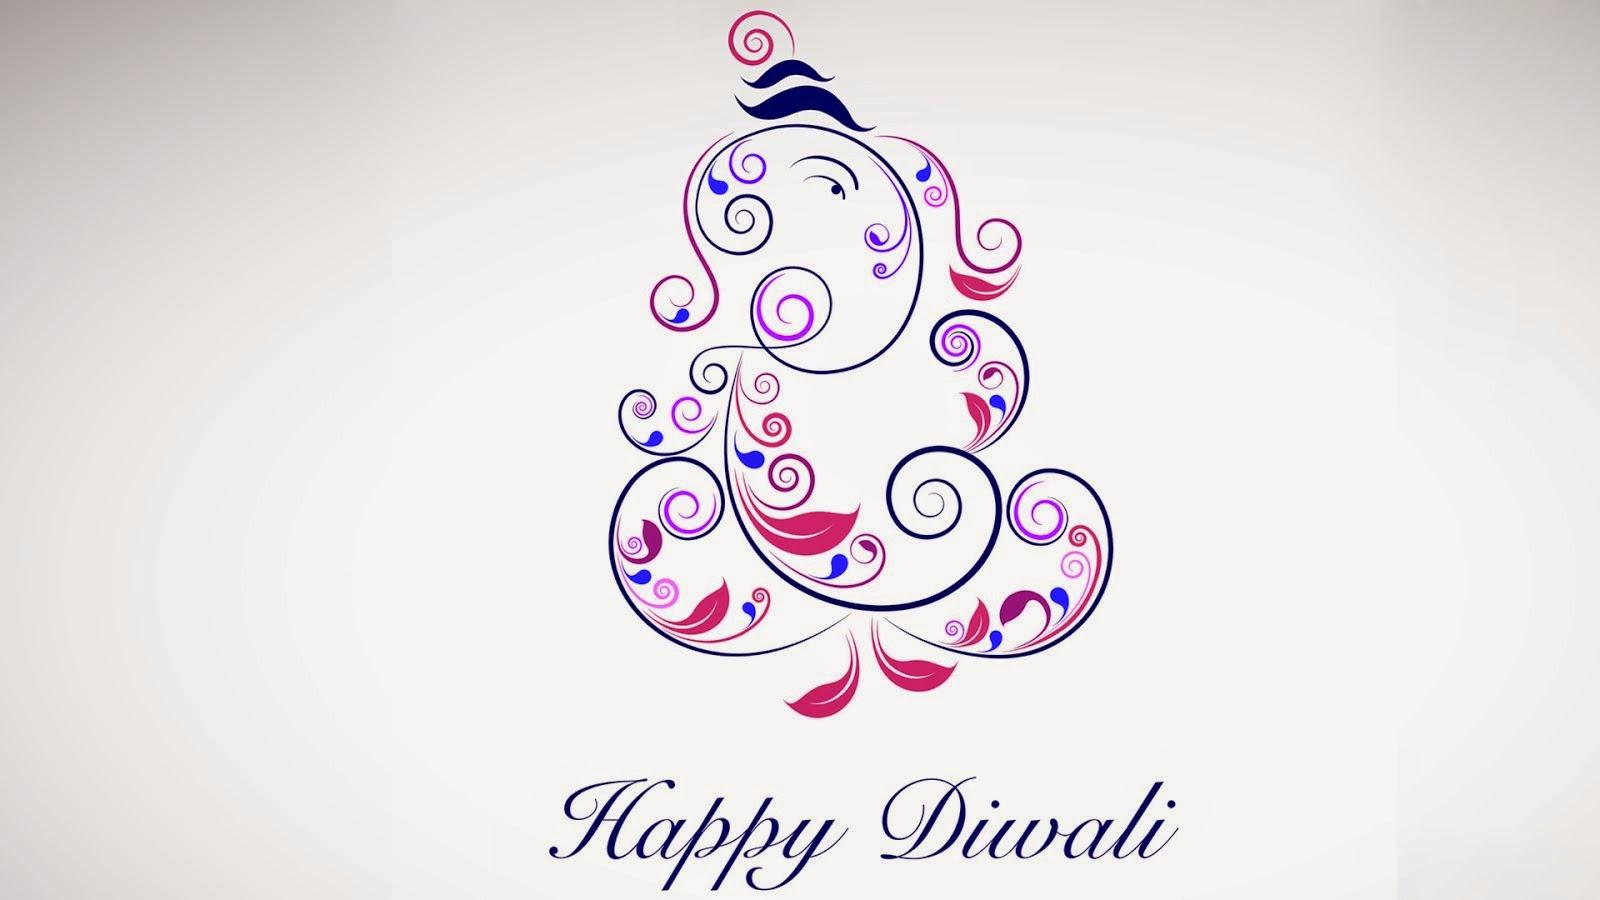 Happy Diwali Desktop Pc Laptop Hd Wallpapers Full Screen: Happy Diwali 2014 Festival Wallpapers